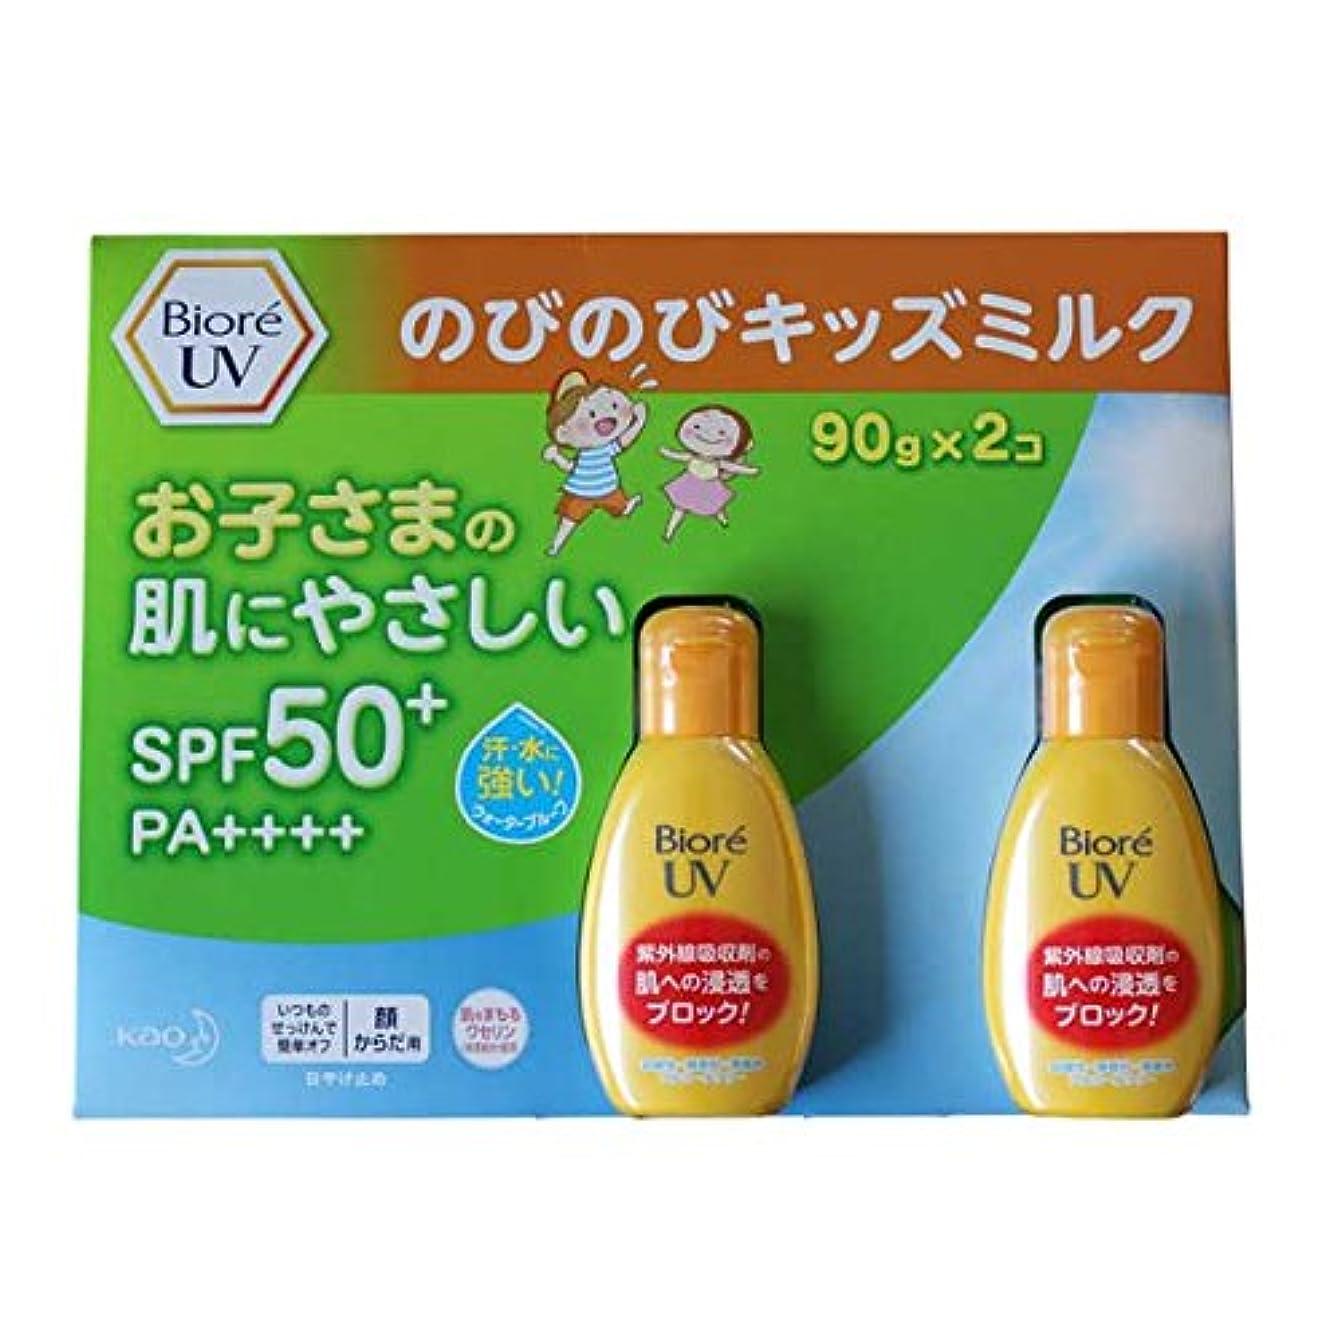 気づくなる価値スリラー花王 ビオレ UV のびのびキッズミルク 日焼け止め乳液 SPF50+ PA++++ 90gx2本セット 強力紫外線カット